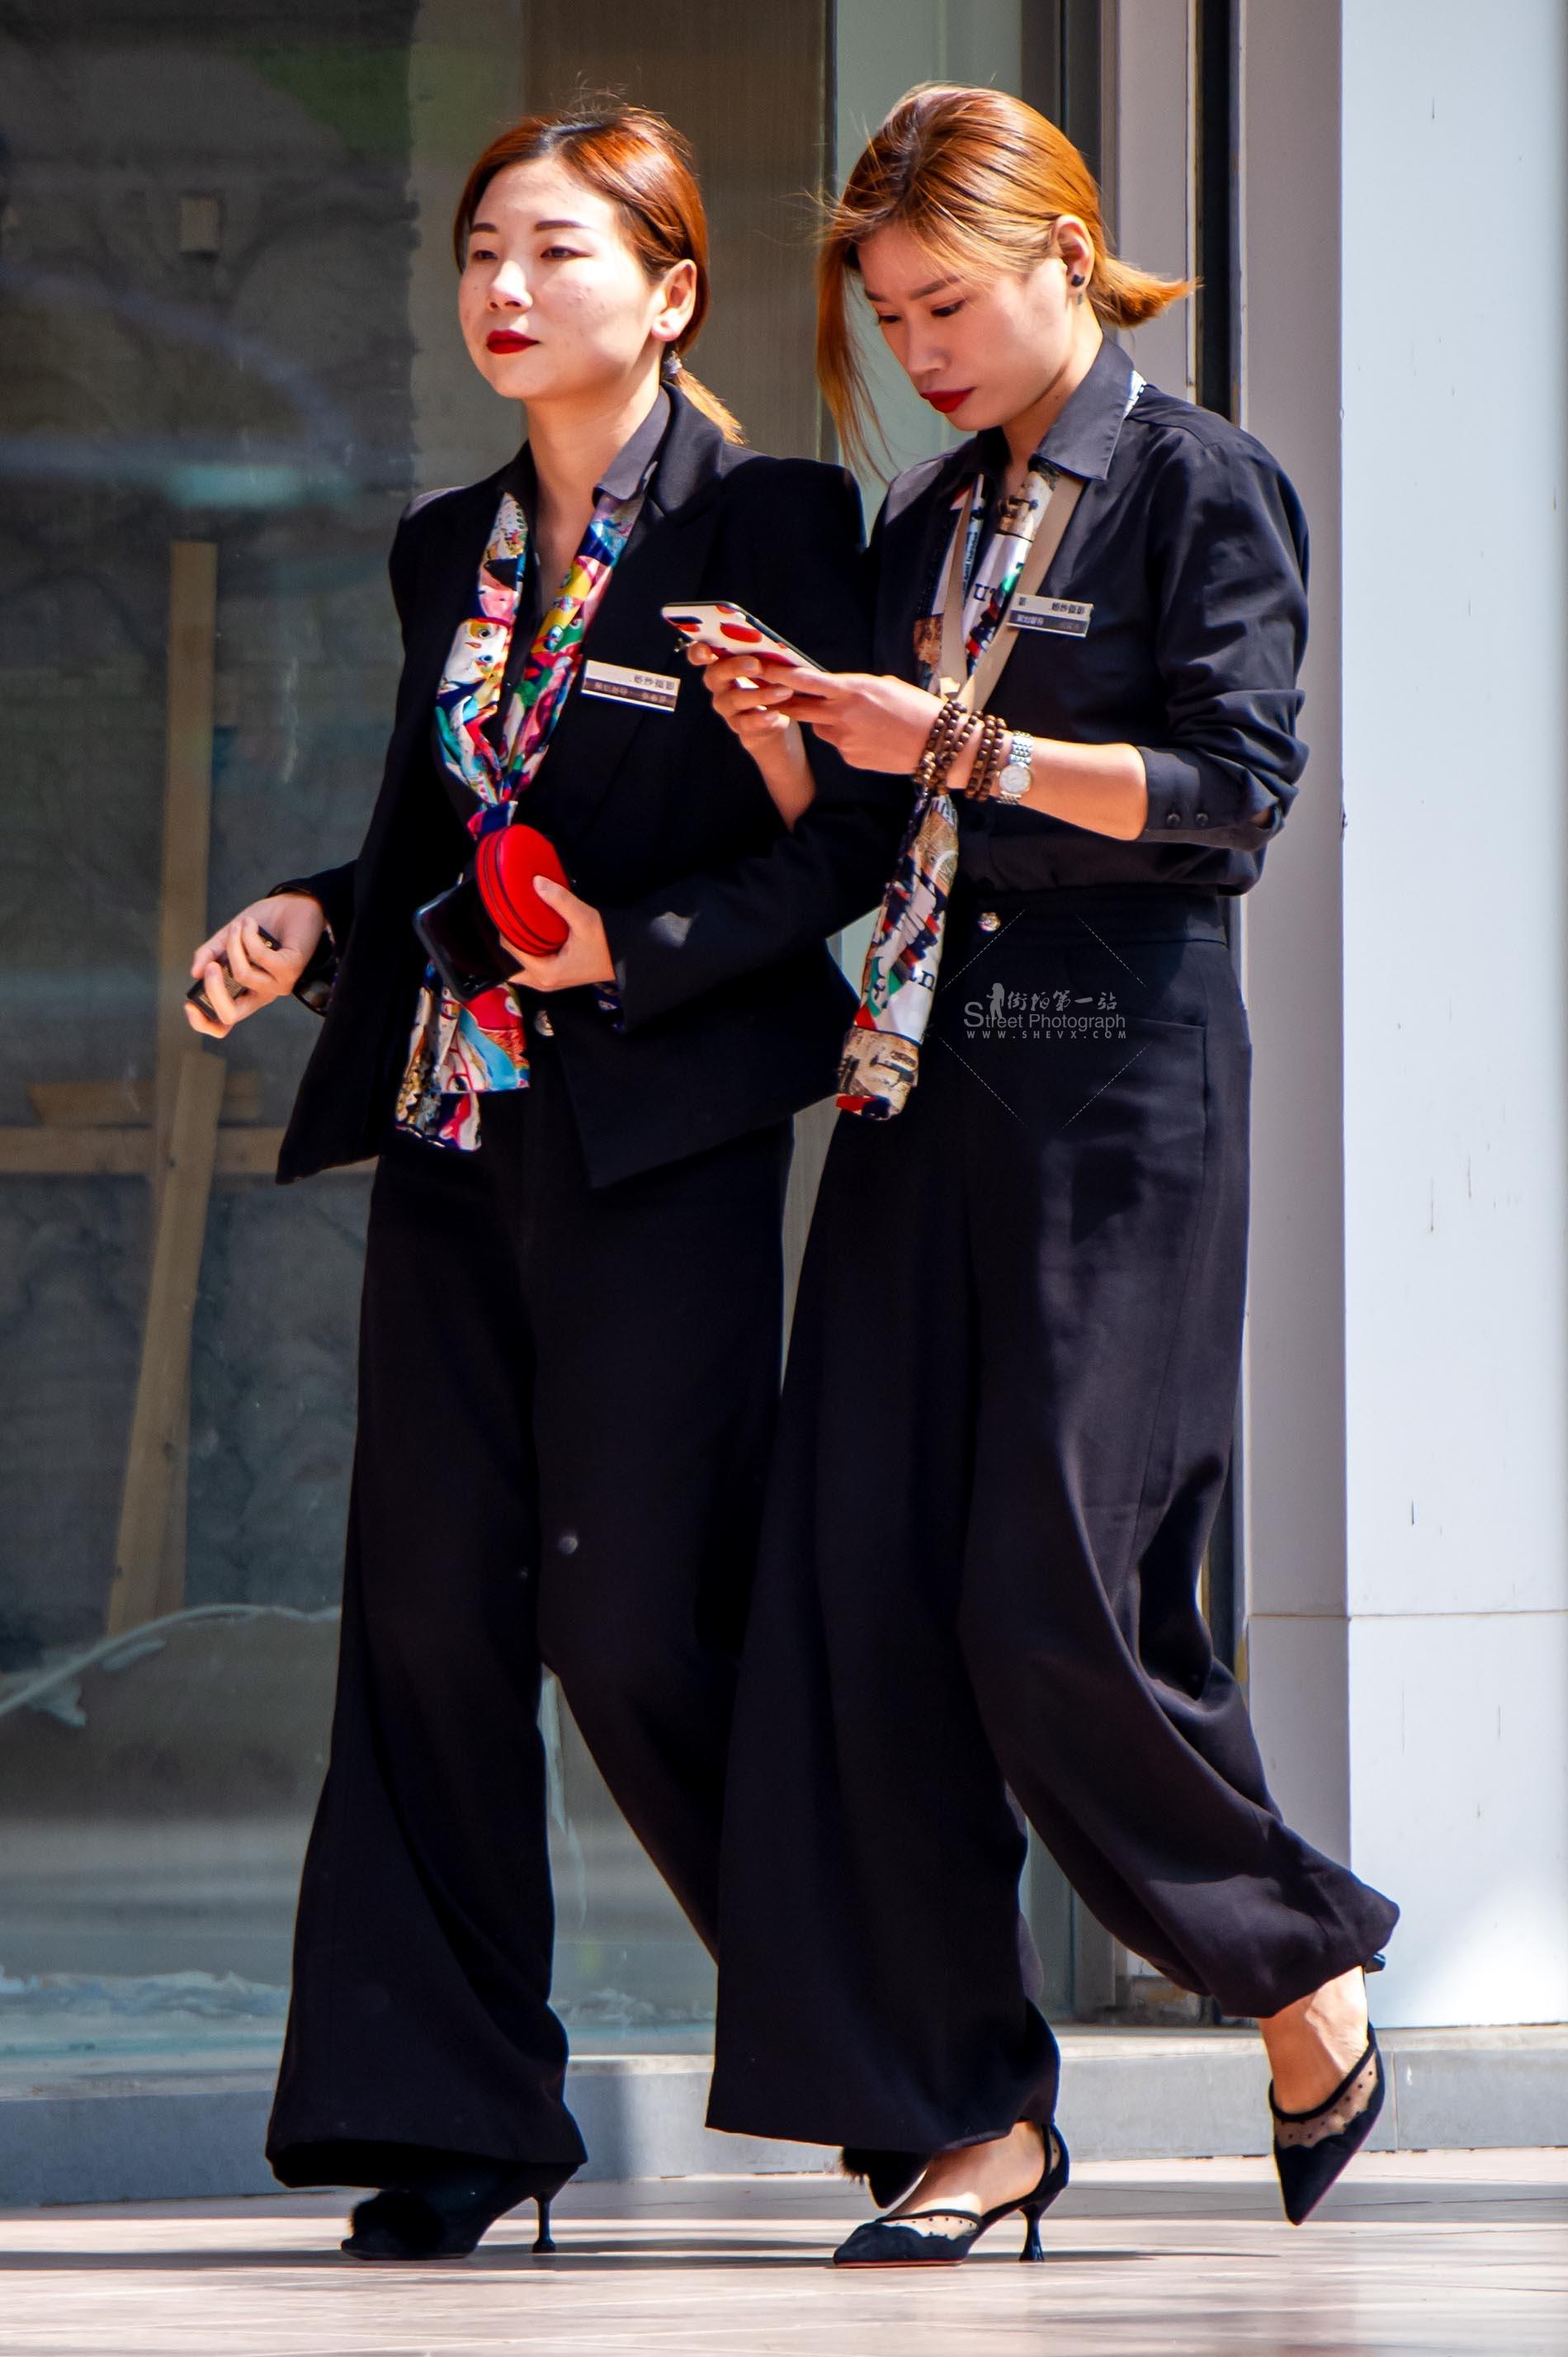 【原创】职业装妹纸二人行【10P】 最新街拍丝袜图片 街拍丝袜第一站